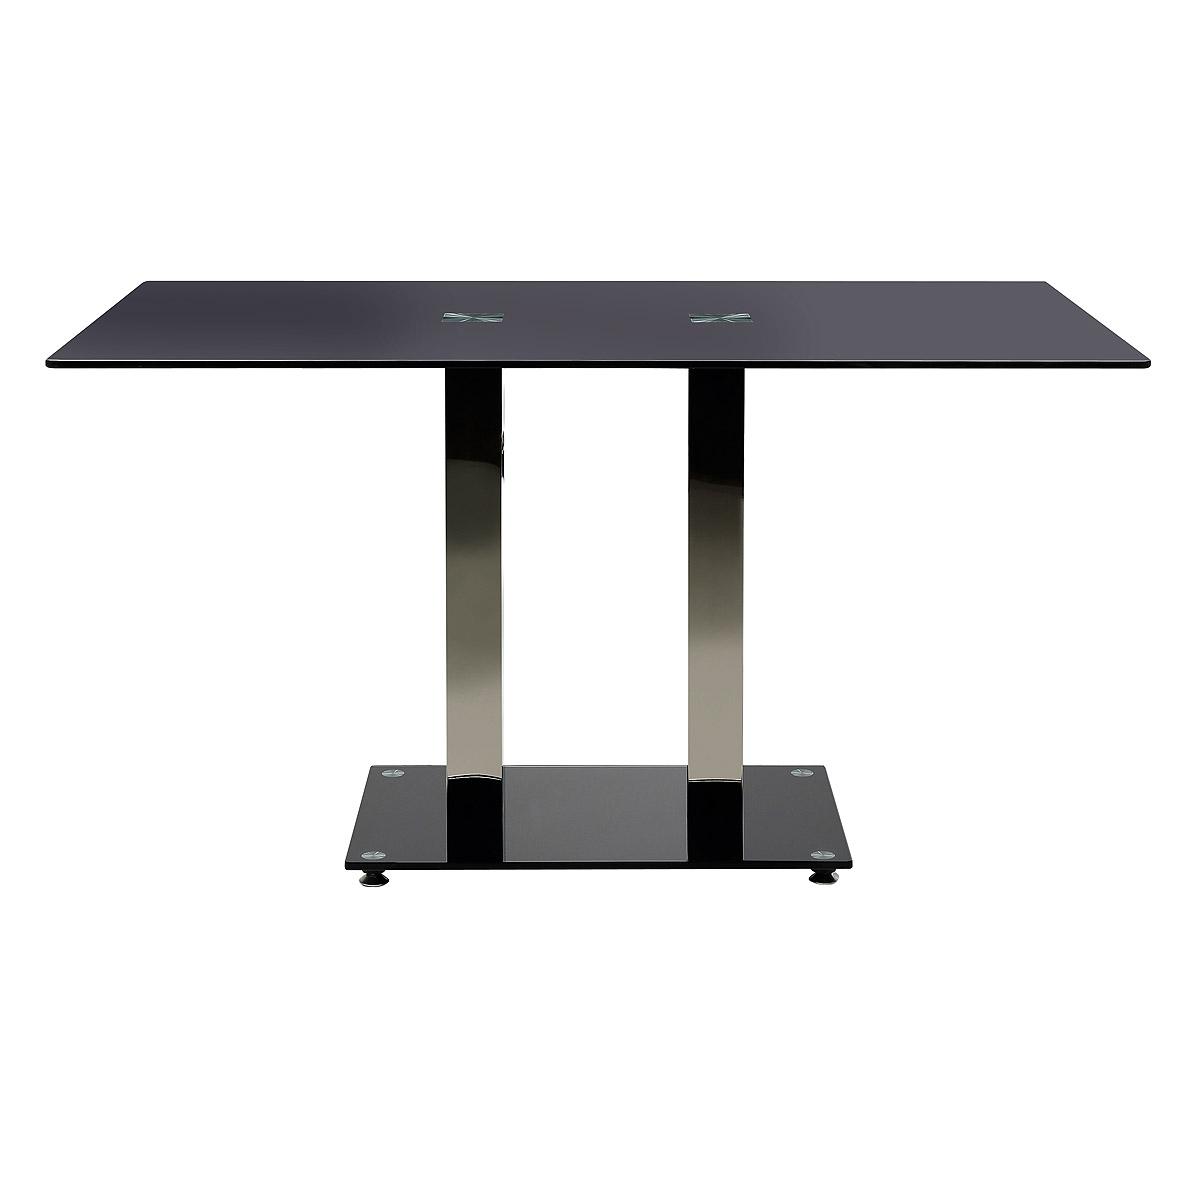 esstisch elkin esszimmertisch k chentisch 140x80 schwarz glas mit stahlgestell eur 149 95. Black Bedroom Furniture Sets. Home Design Ideas